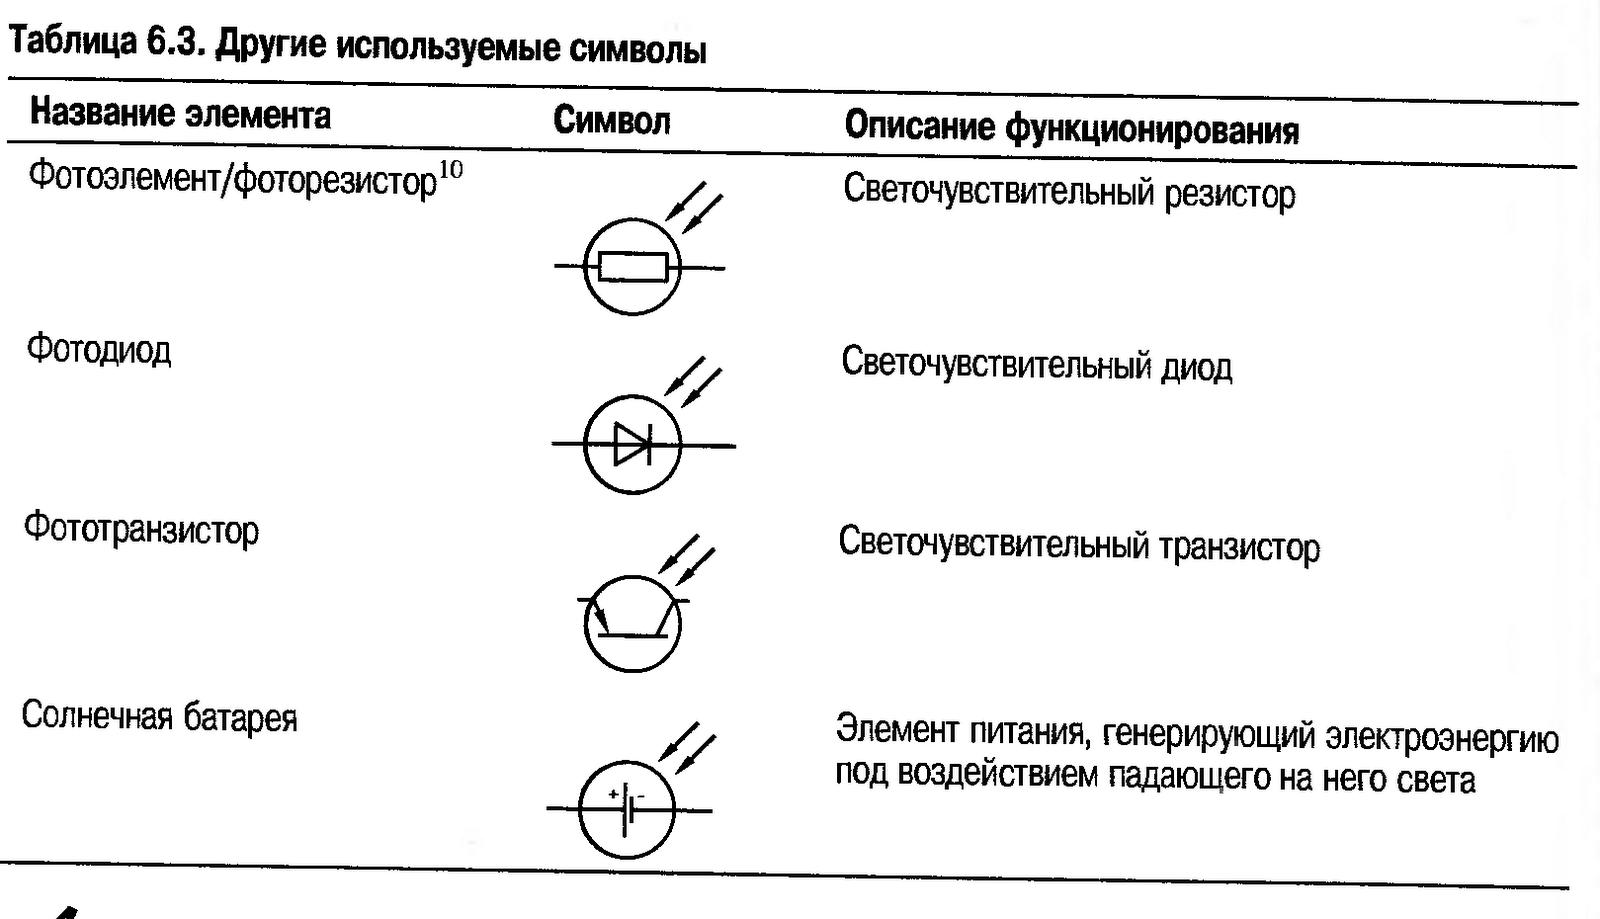 обозначение электрическая принципиальная схема гост